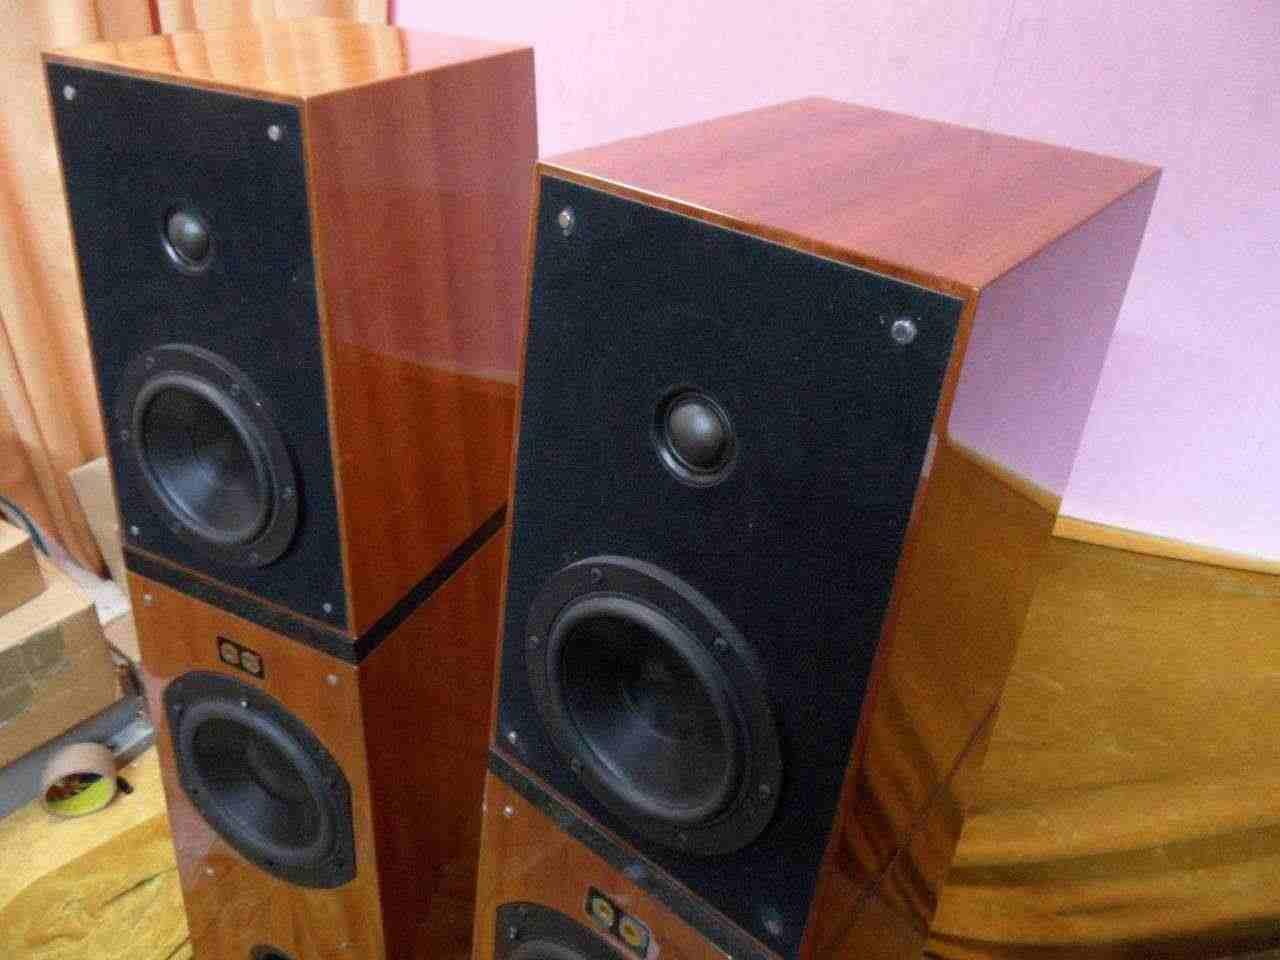 VERITY PARSIFAL ENCORE speakers